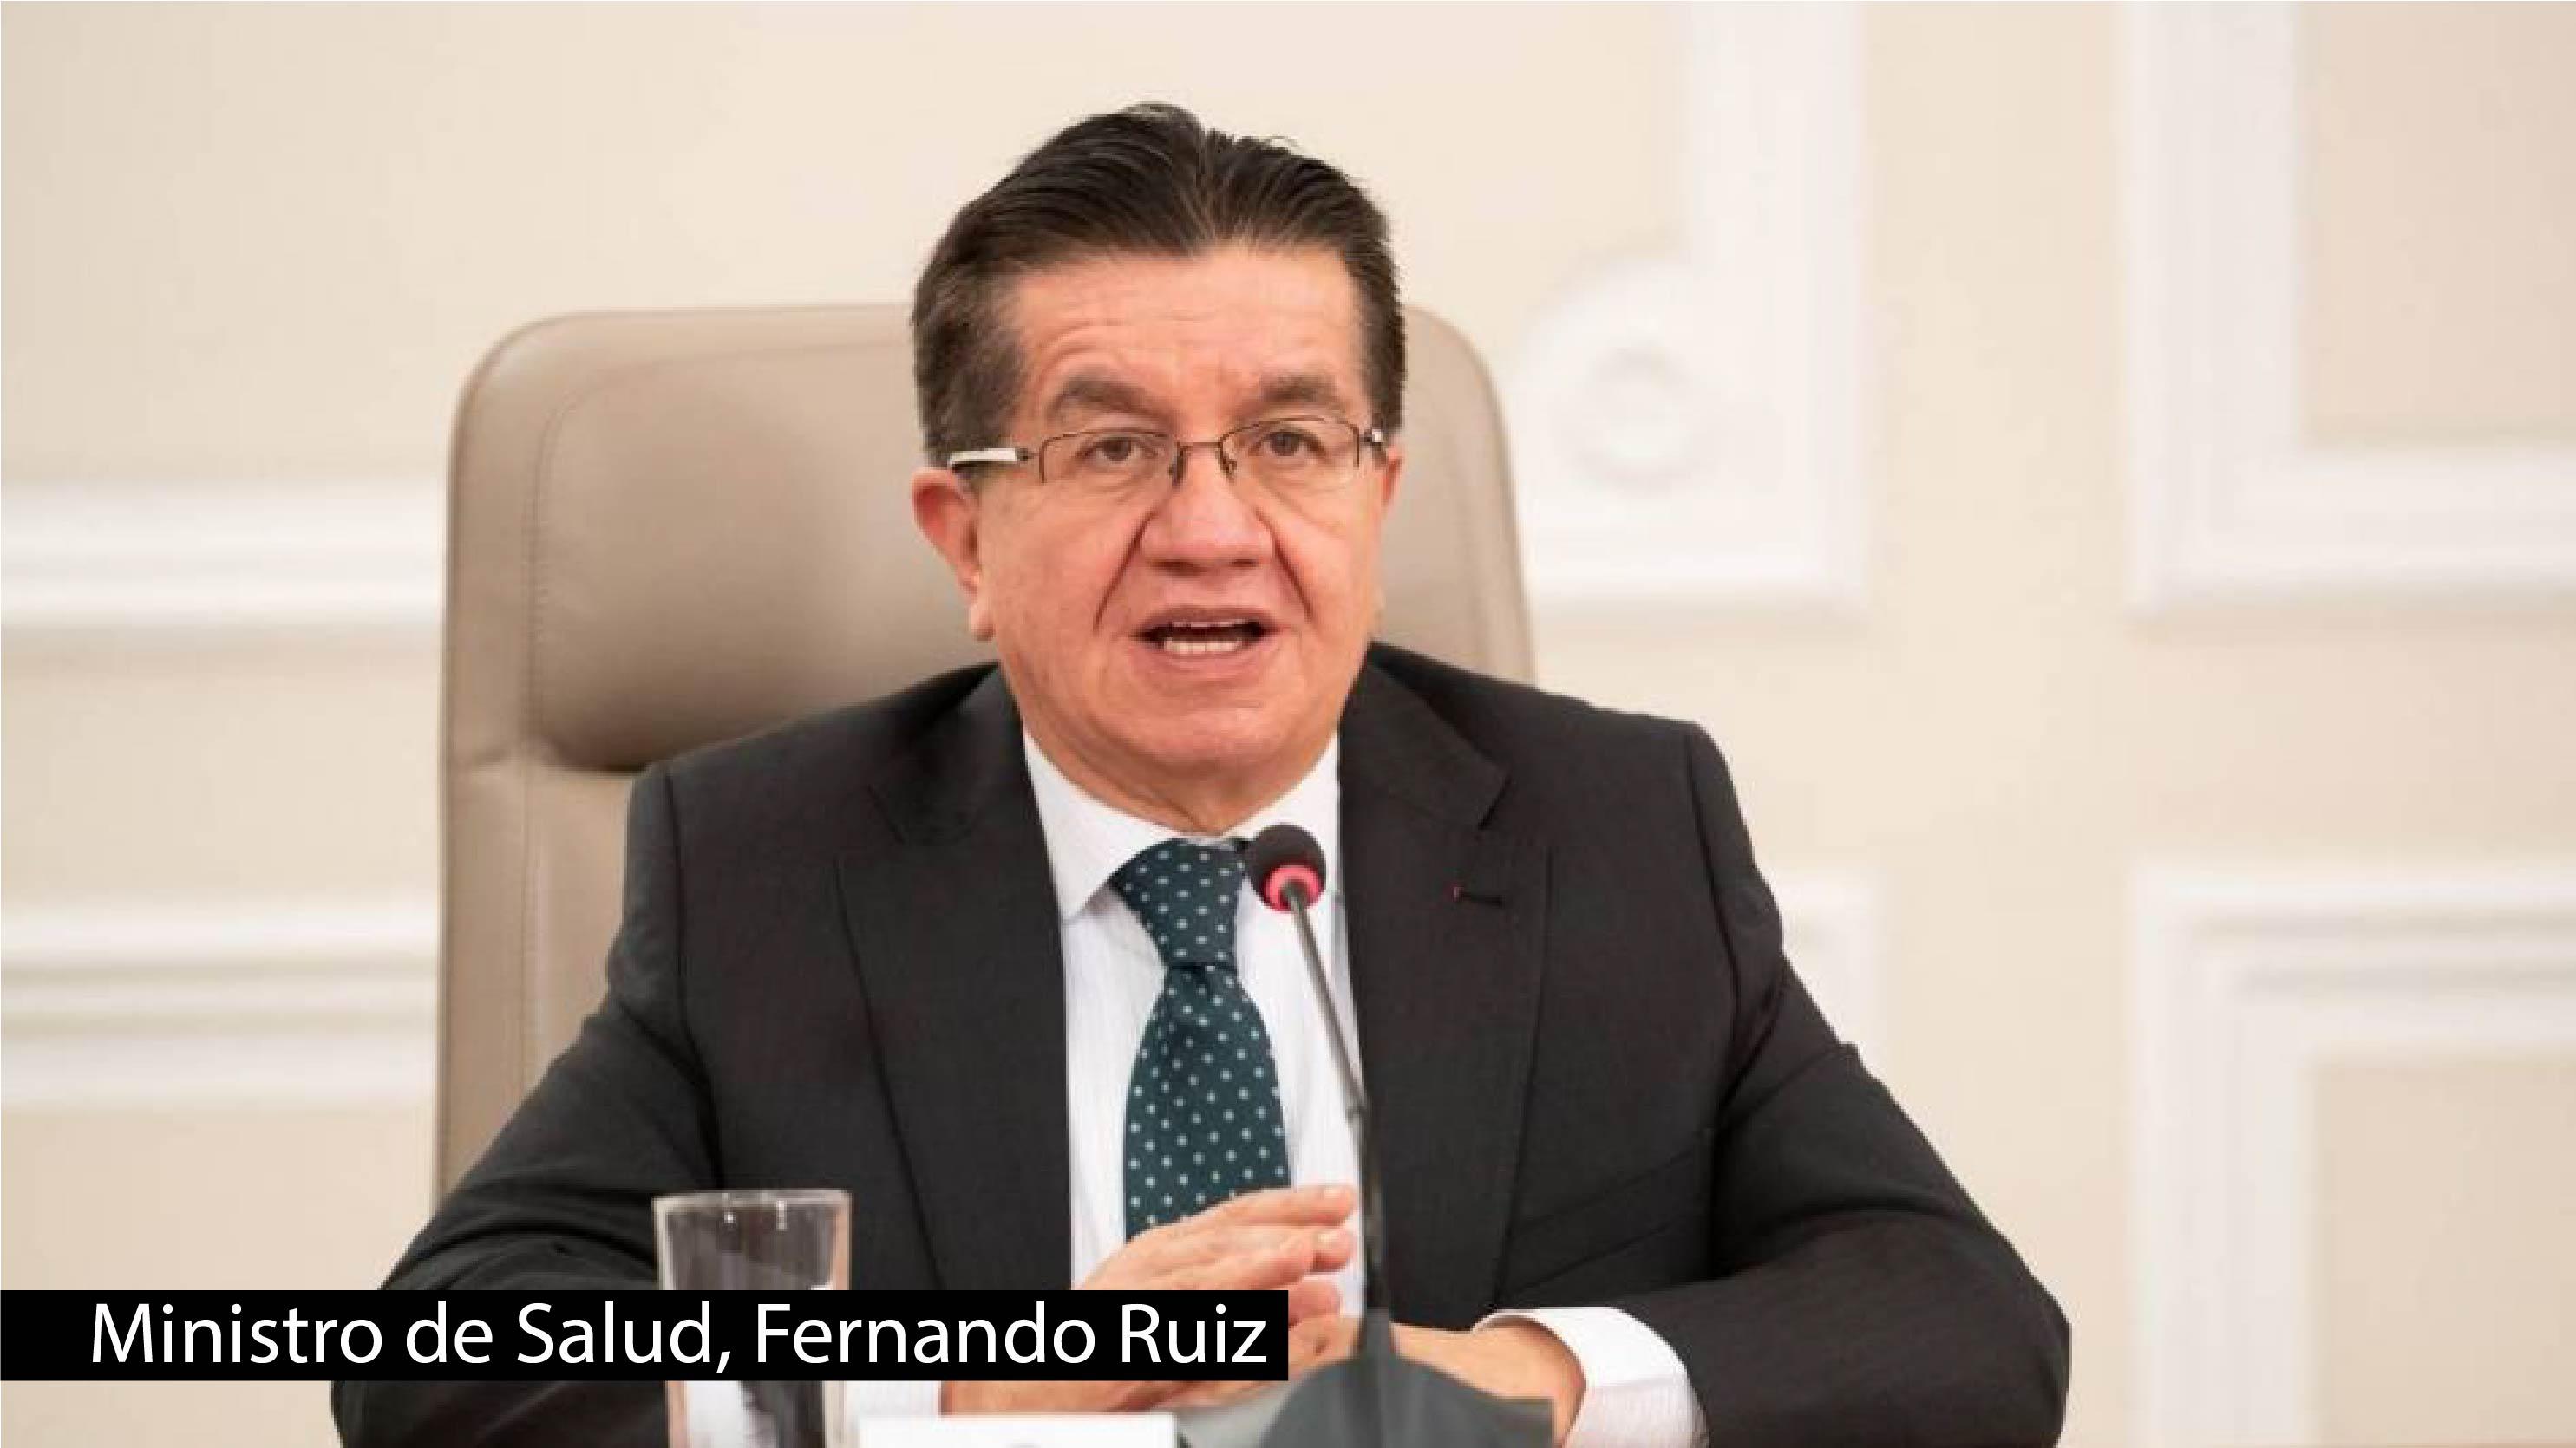 Fernando Ruiz, Ministro de Salud